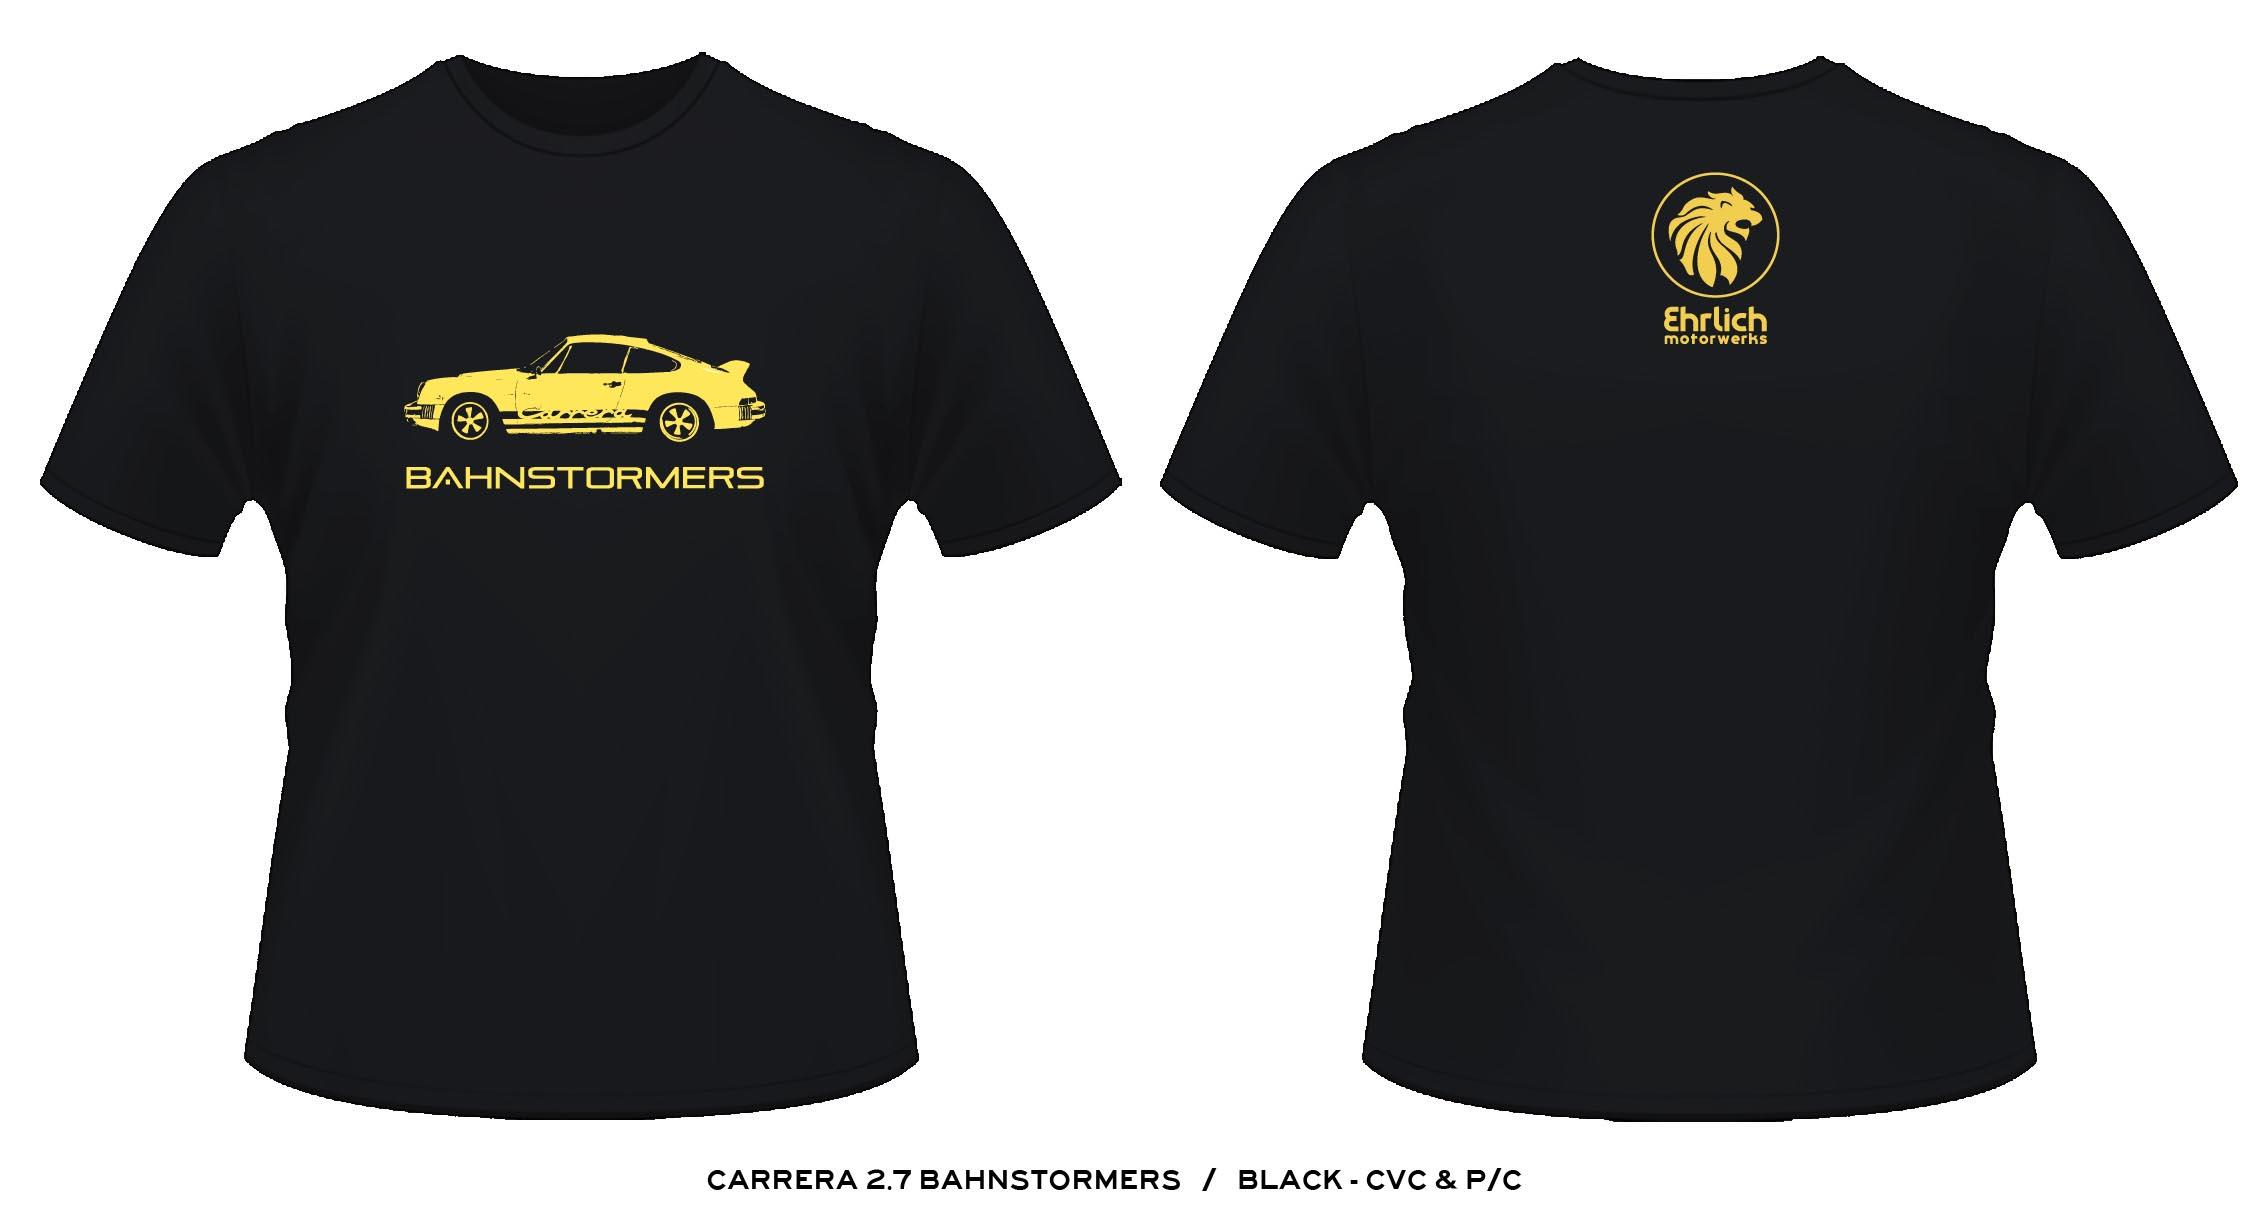 Ehrlich Motorwerks Shirts